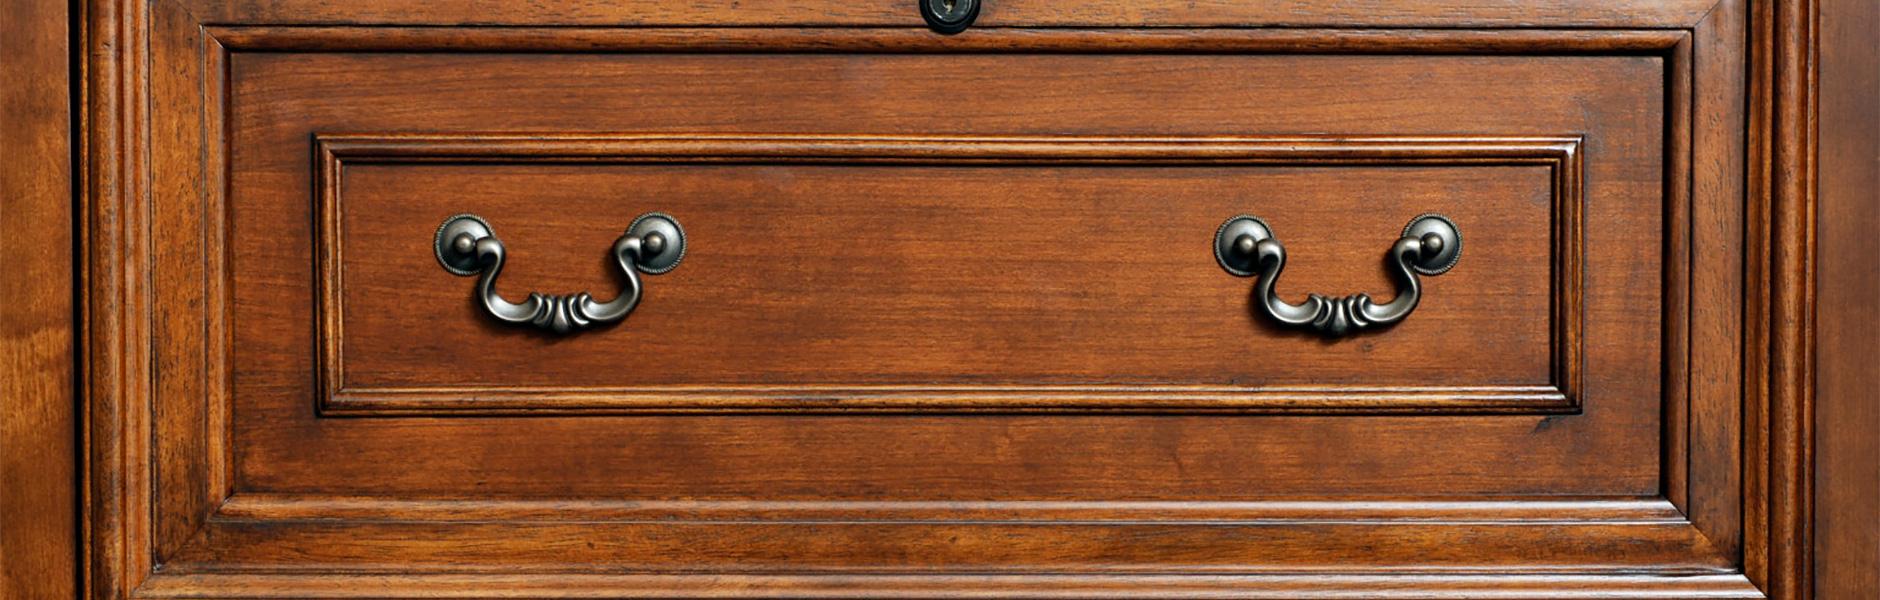 Restaurar muebles de madera bricopared beissier - Restaurar muebles de madera ...